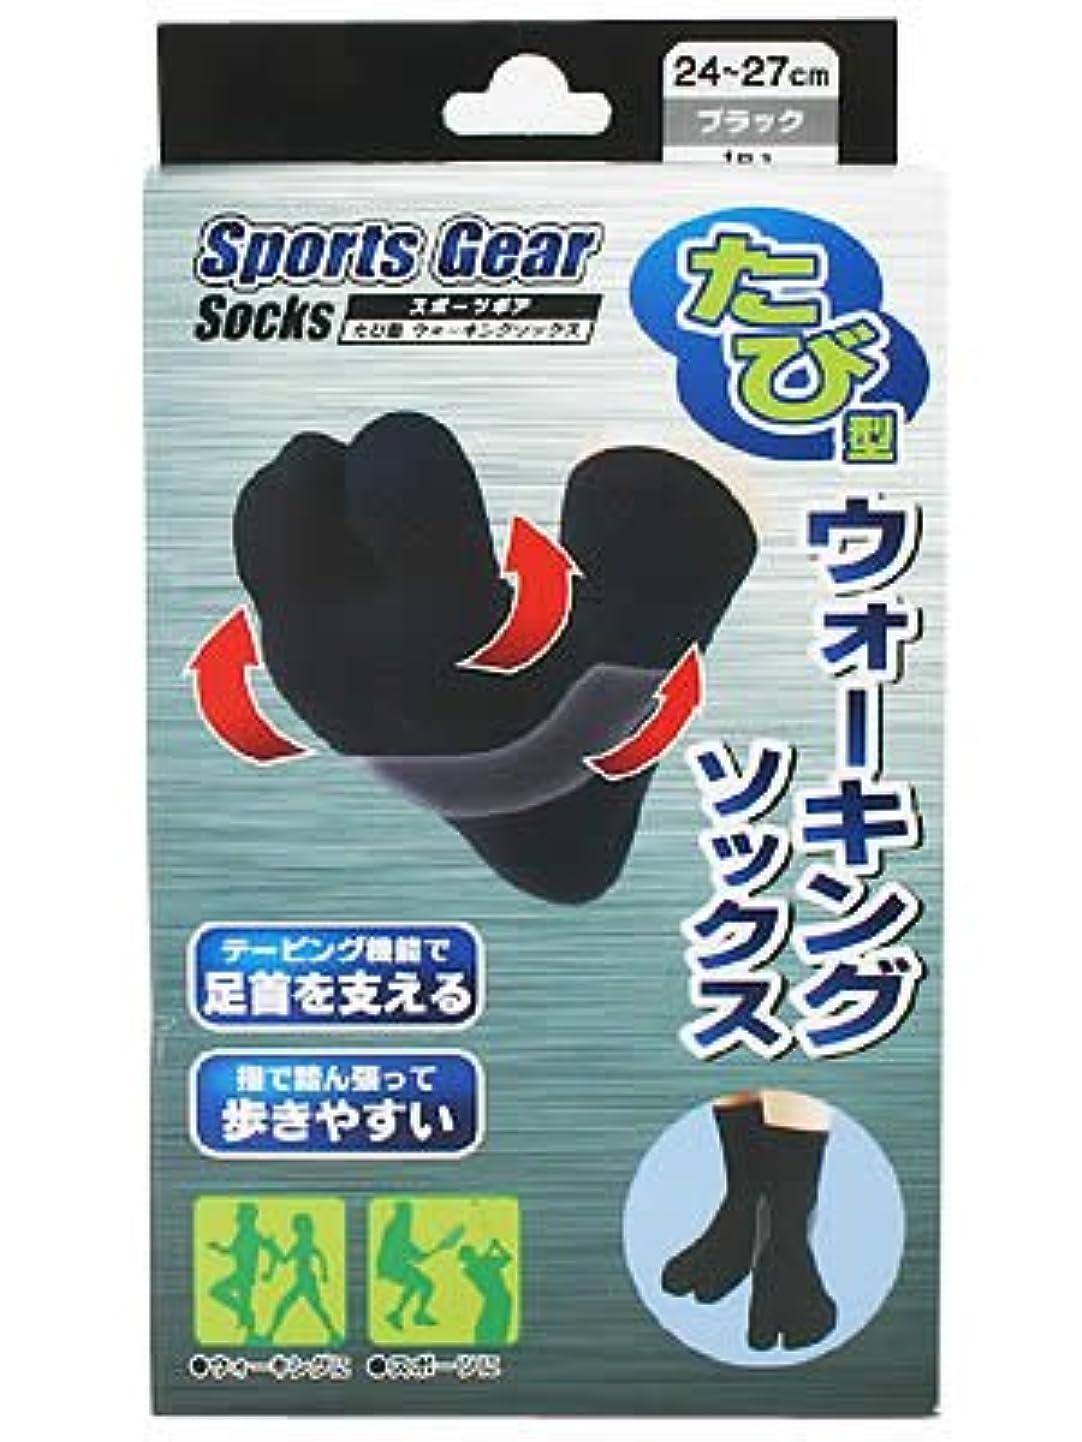 再編成する呼吸する忠実スポーツギア たび型 ウォーキングソックス 24~27cm ブラック